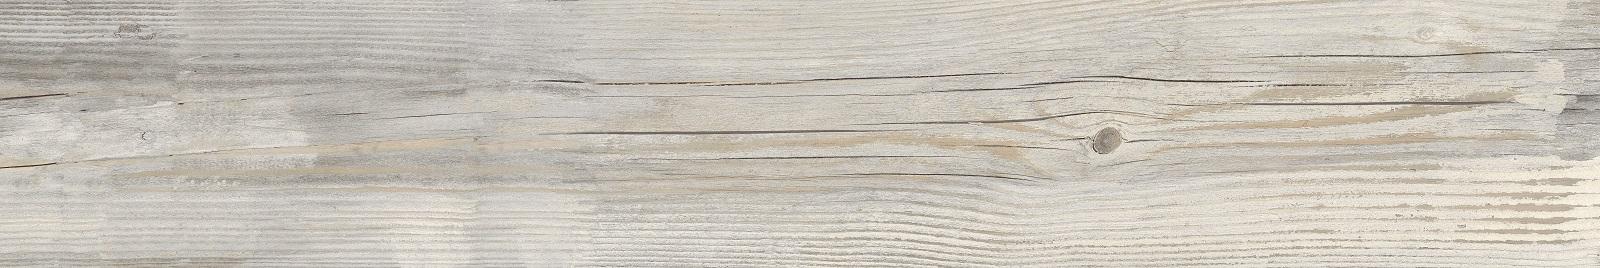 Плитка Legno Grigio (zzxlv8r) изображение 9